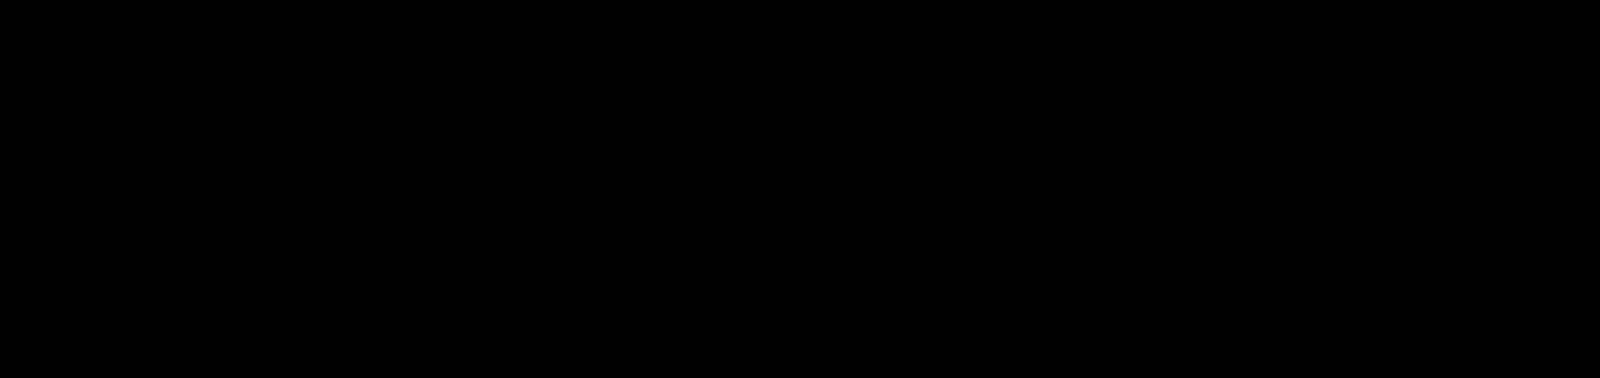 Карта ойын пирамида ойнау қазір